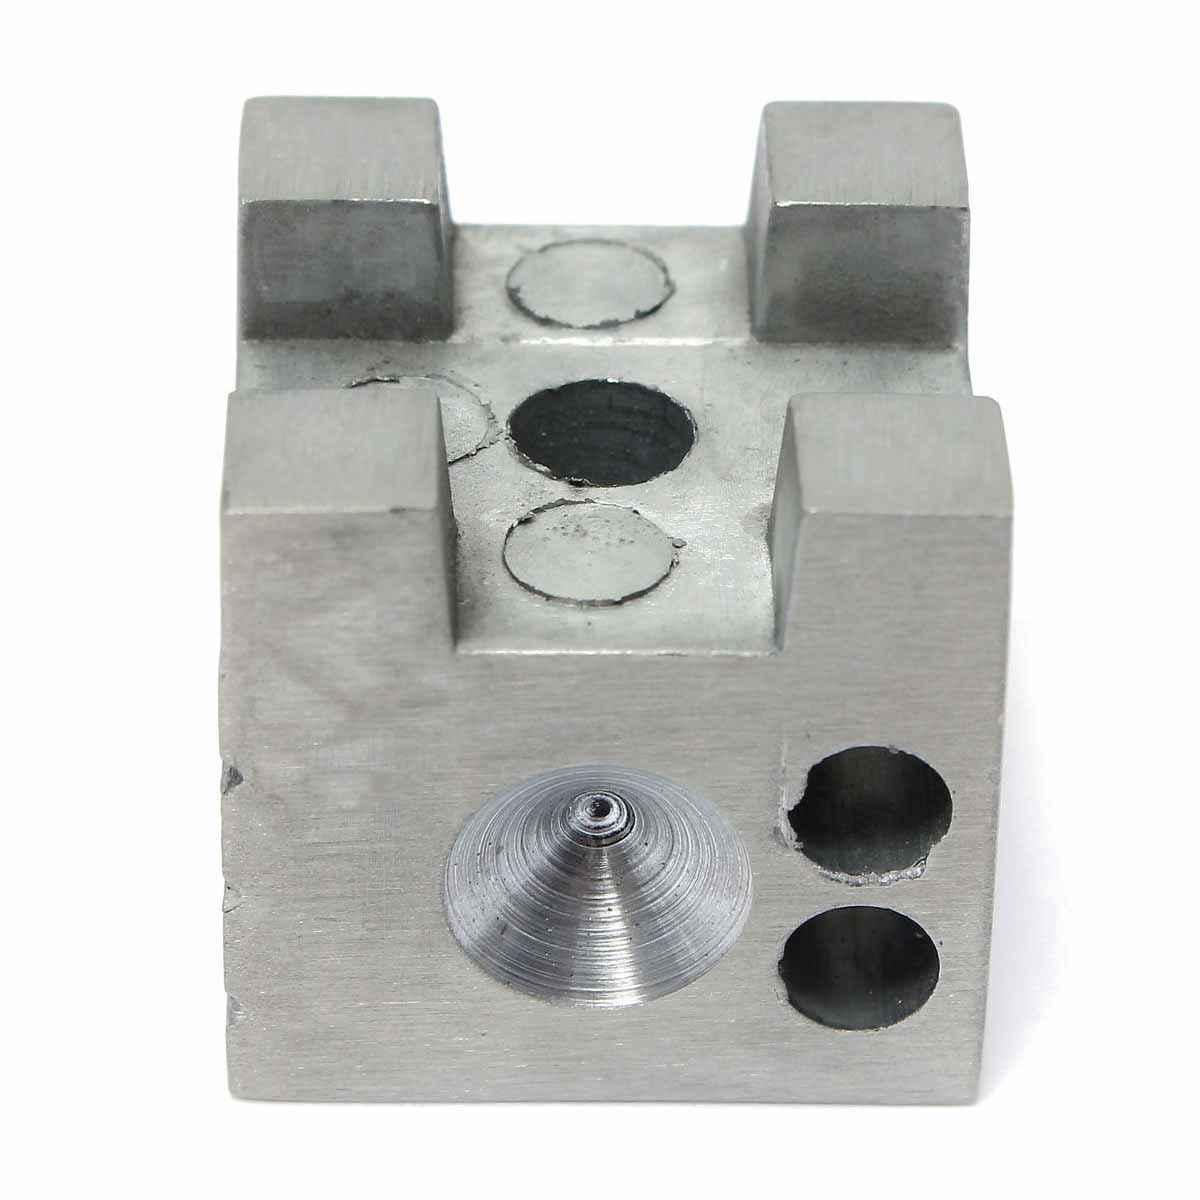 実用的な時計屋アルミ合金浮き沈みさせる釣り方ドーミングブロック時計宝石部品修理ホルダーツール